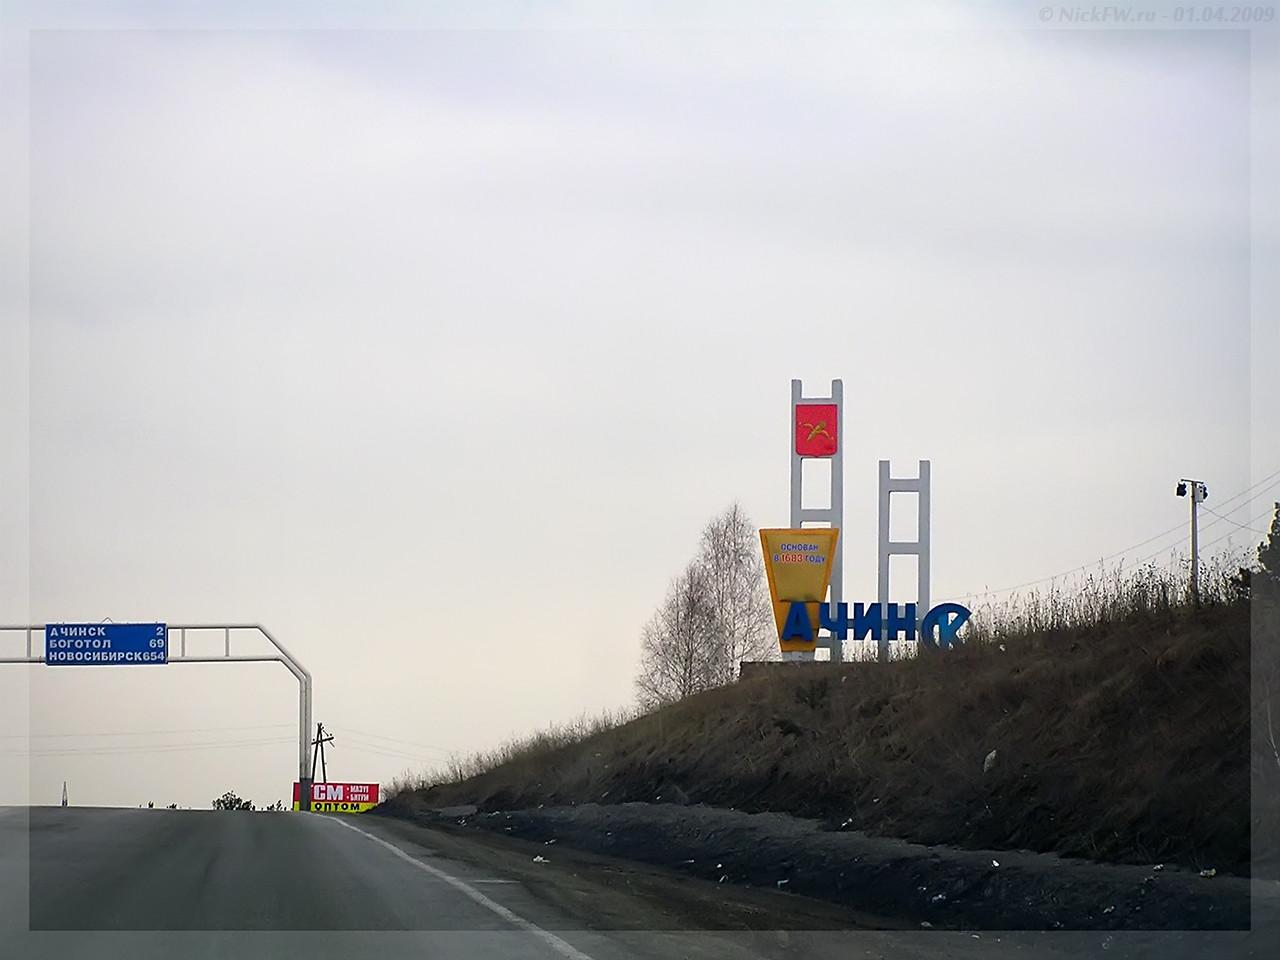 Ачинск въезд со стороны Красноярска (© NickFW - 01.04.2009)